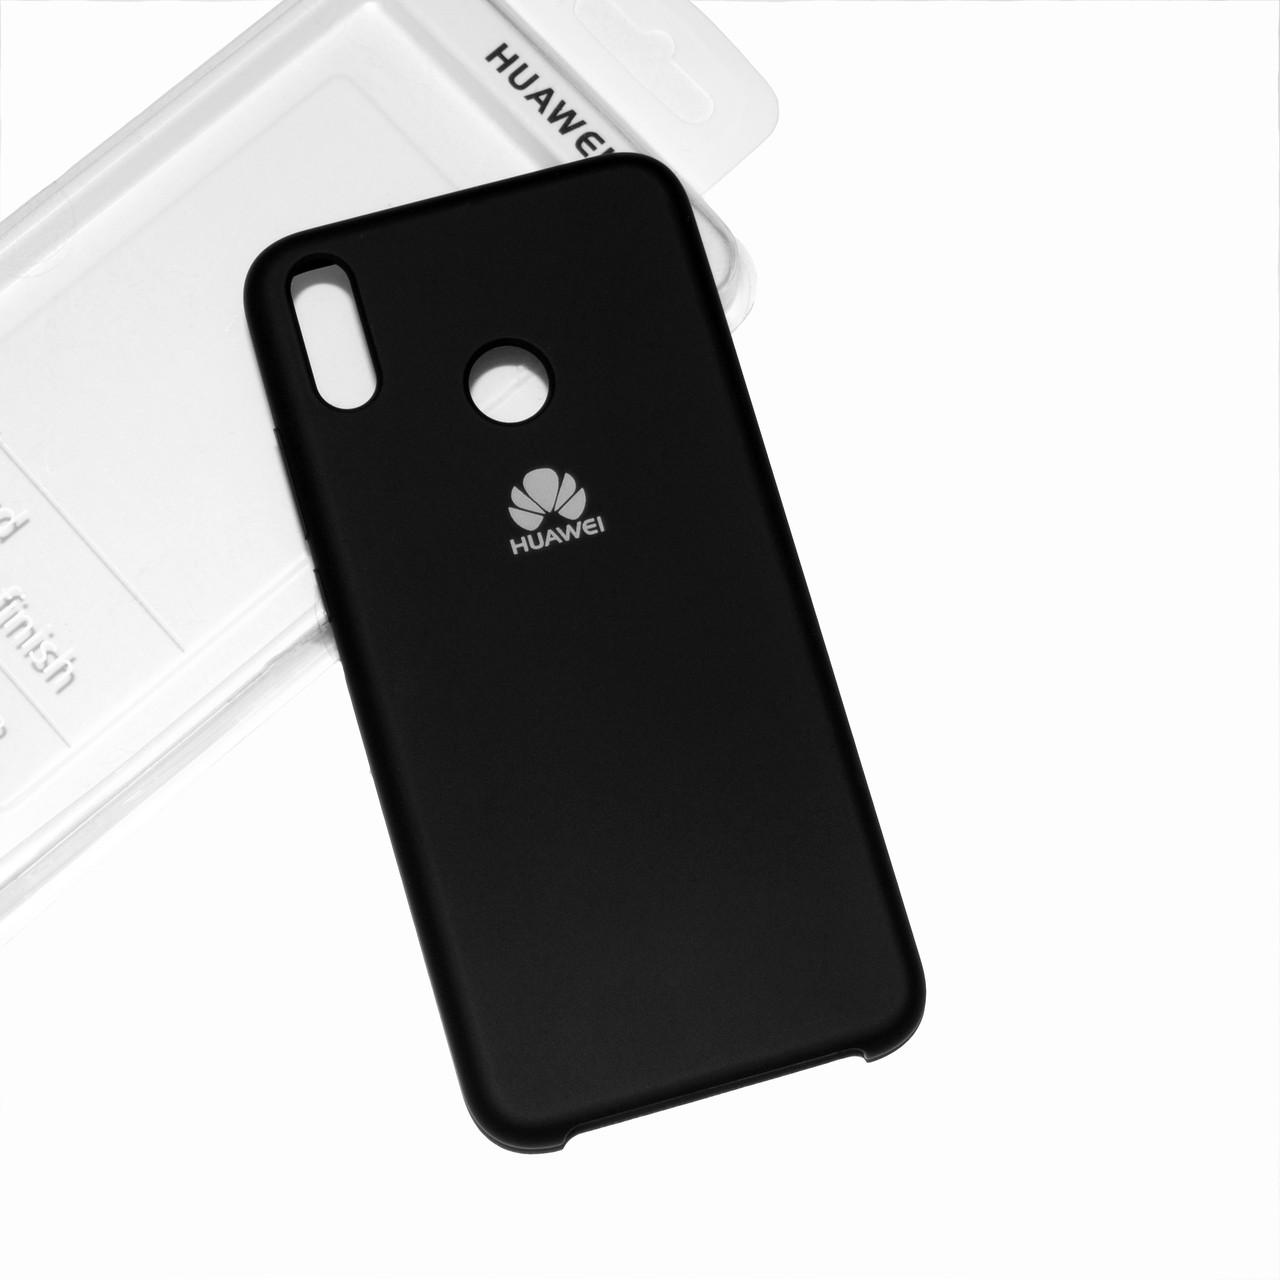 Силиконовый чехол на Huawei Honor 8X Soft-touch Black